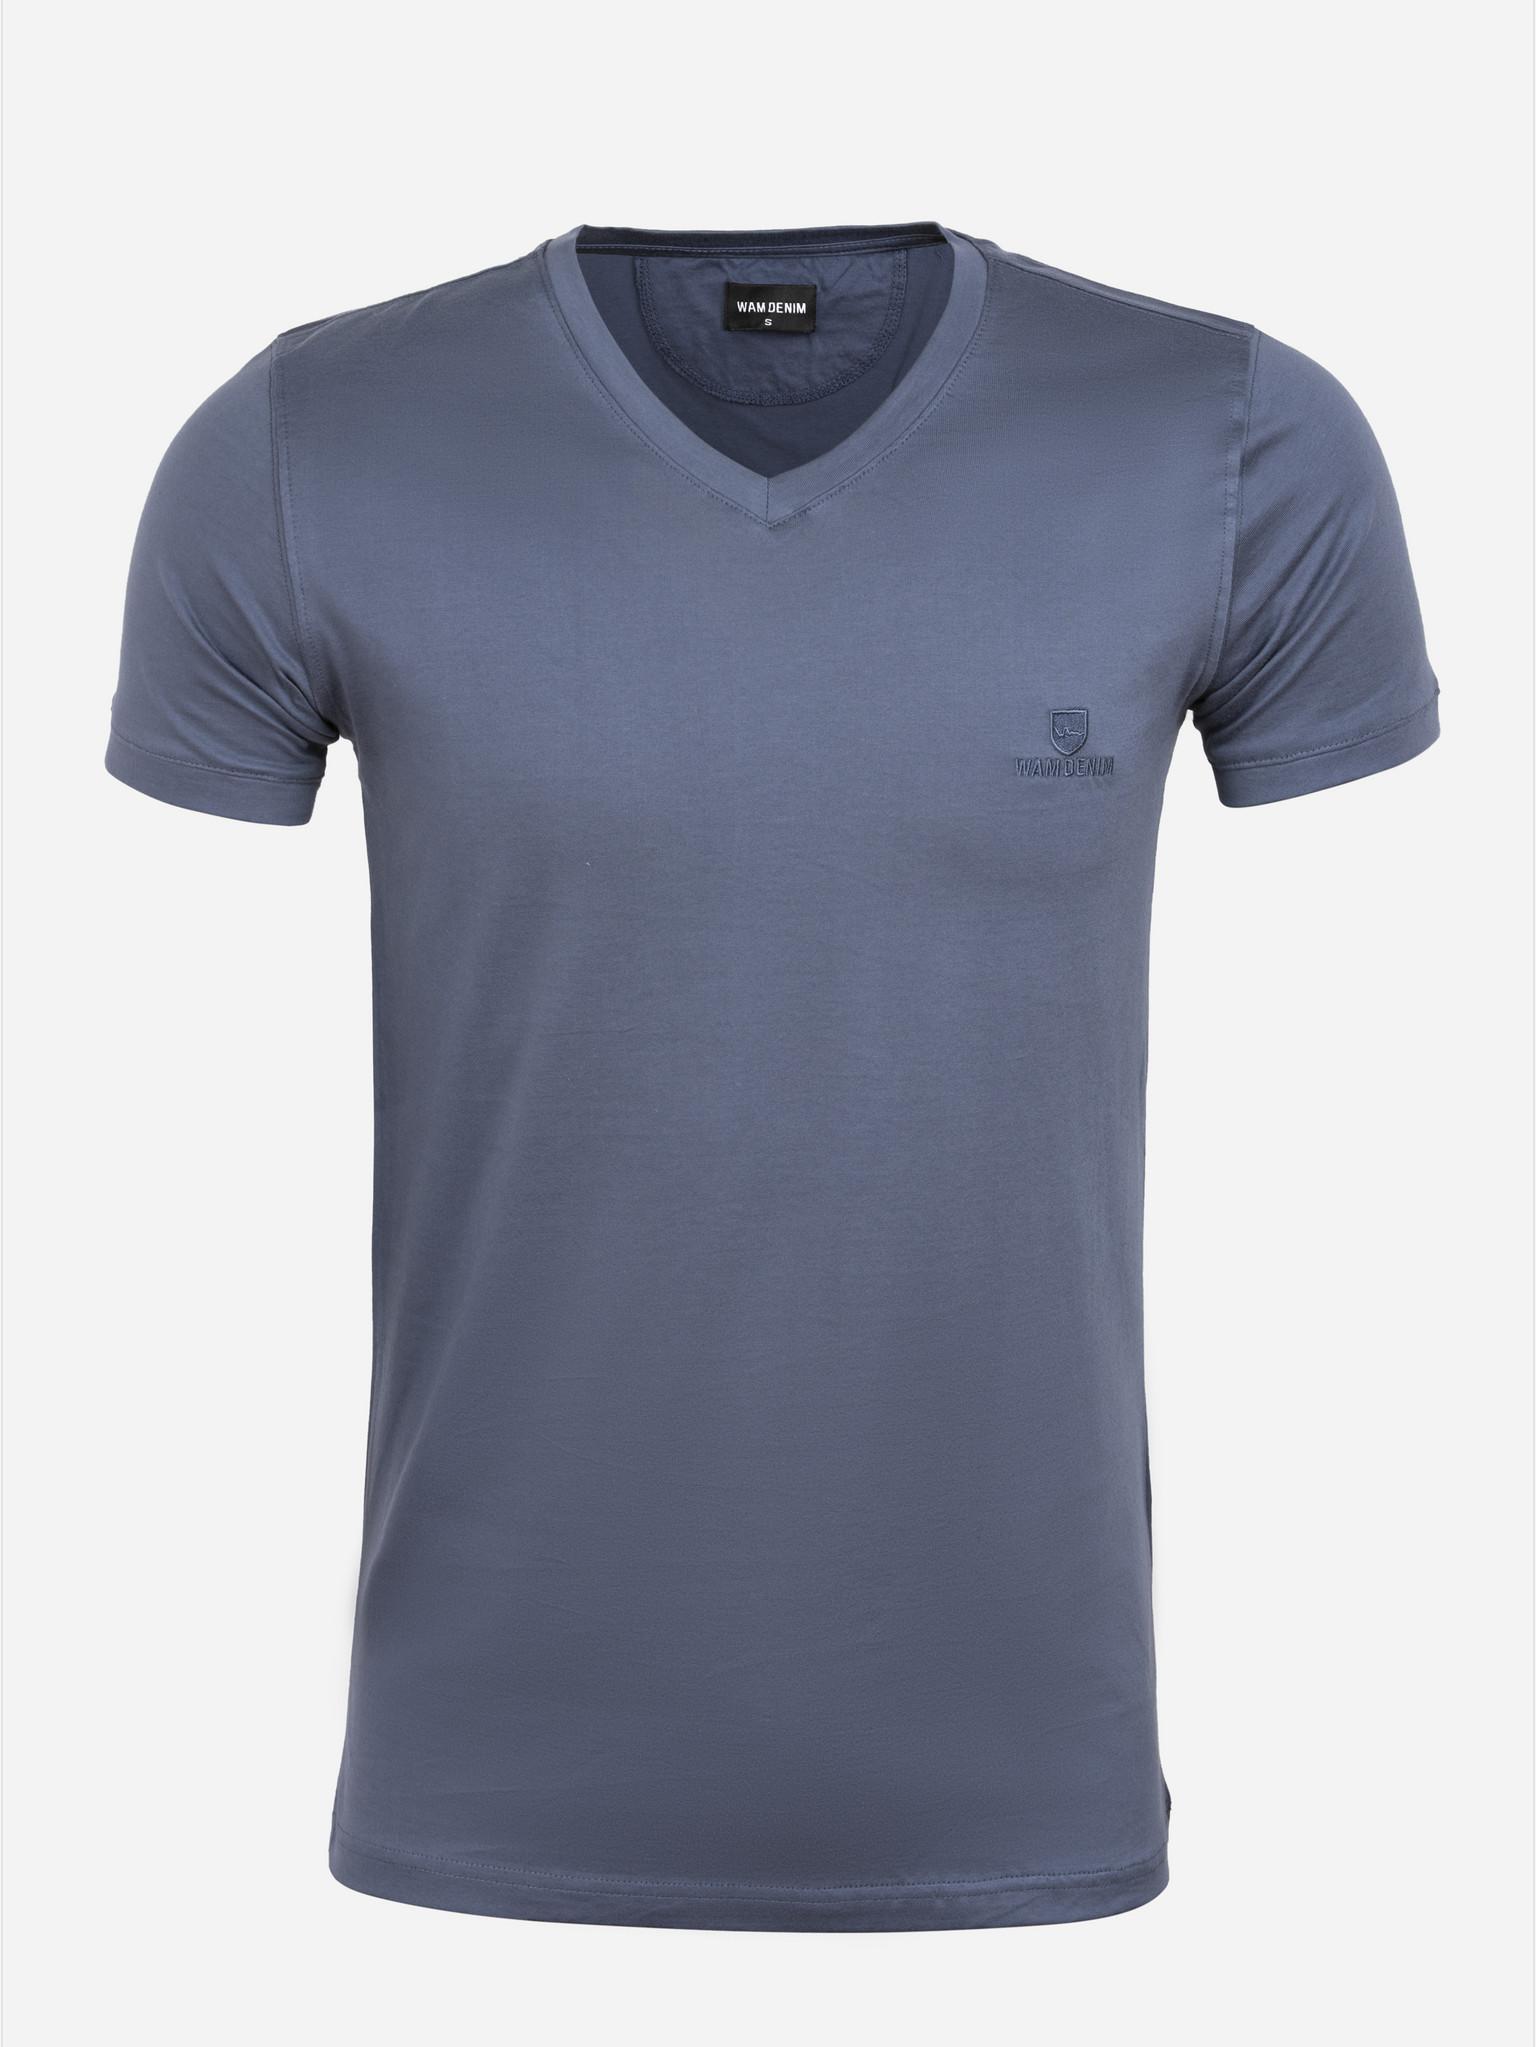 Wam Denim T-Shirt Lansing Anthracite Maat: 4XL